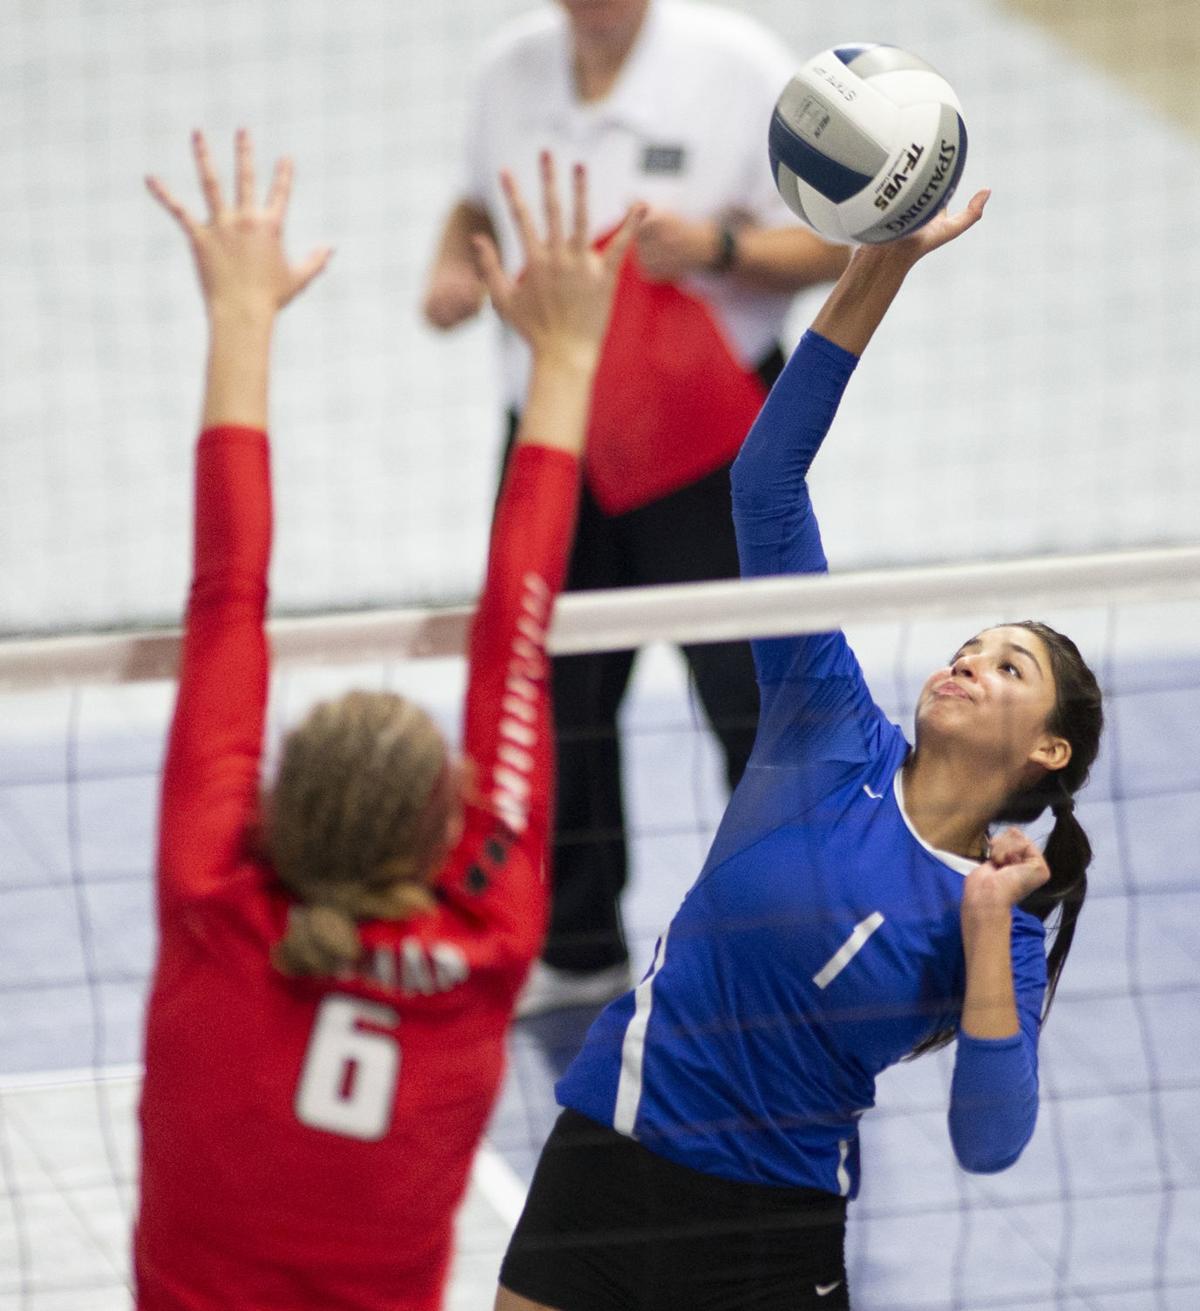 191116-yh-sports-vbh-1a-volleyball-2.jpg